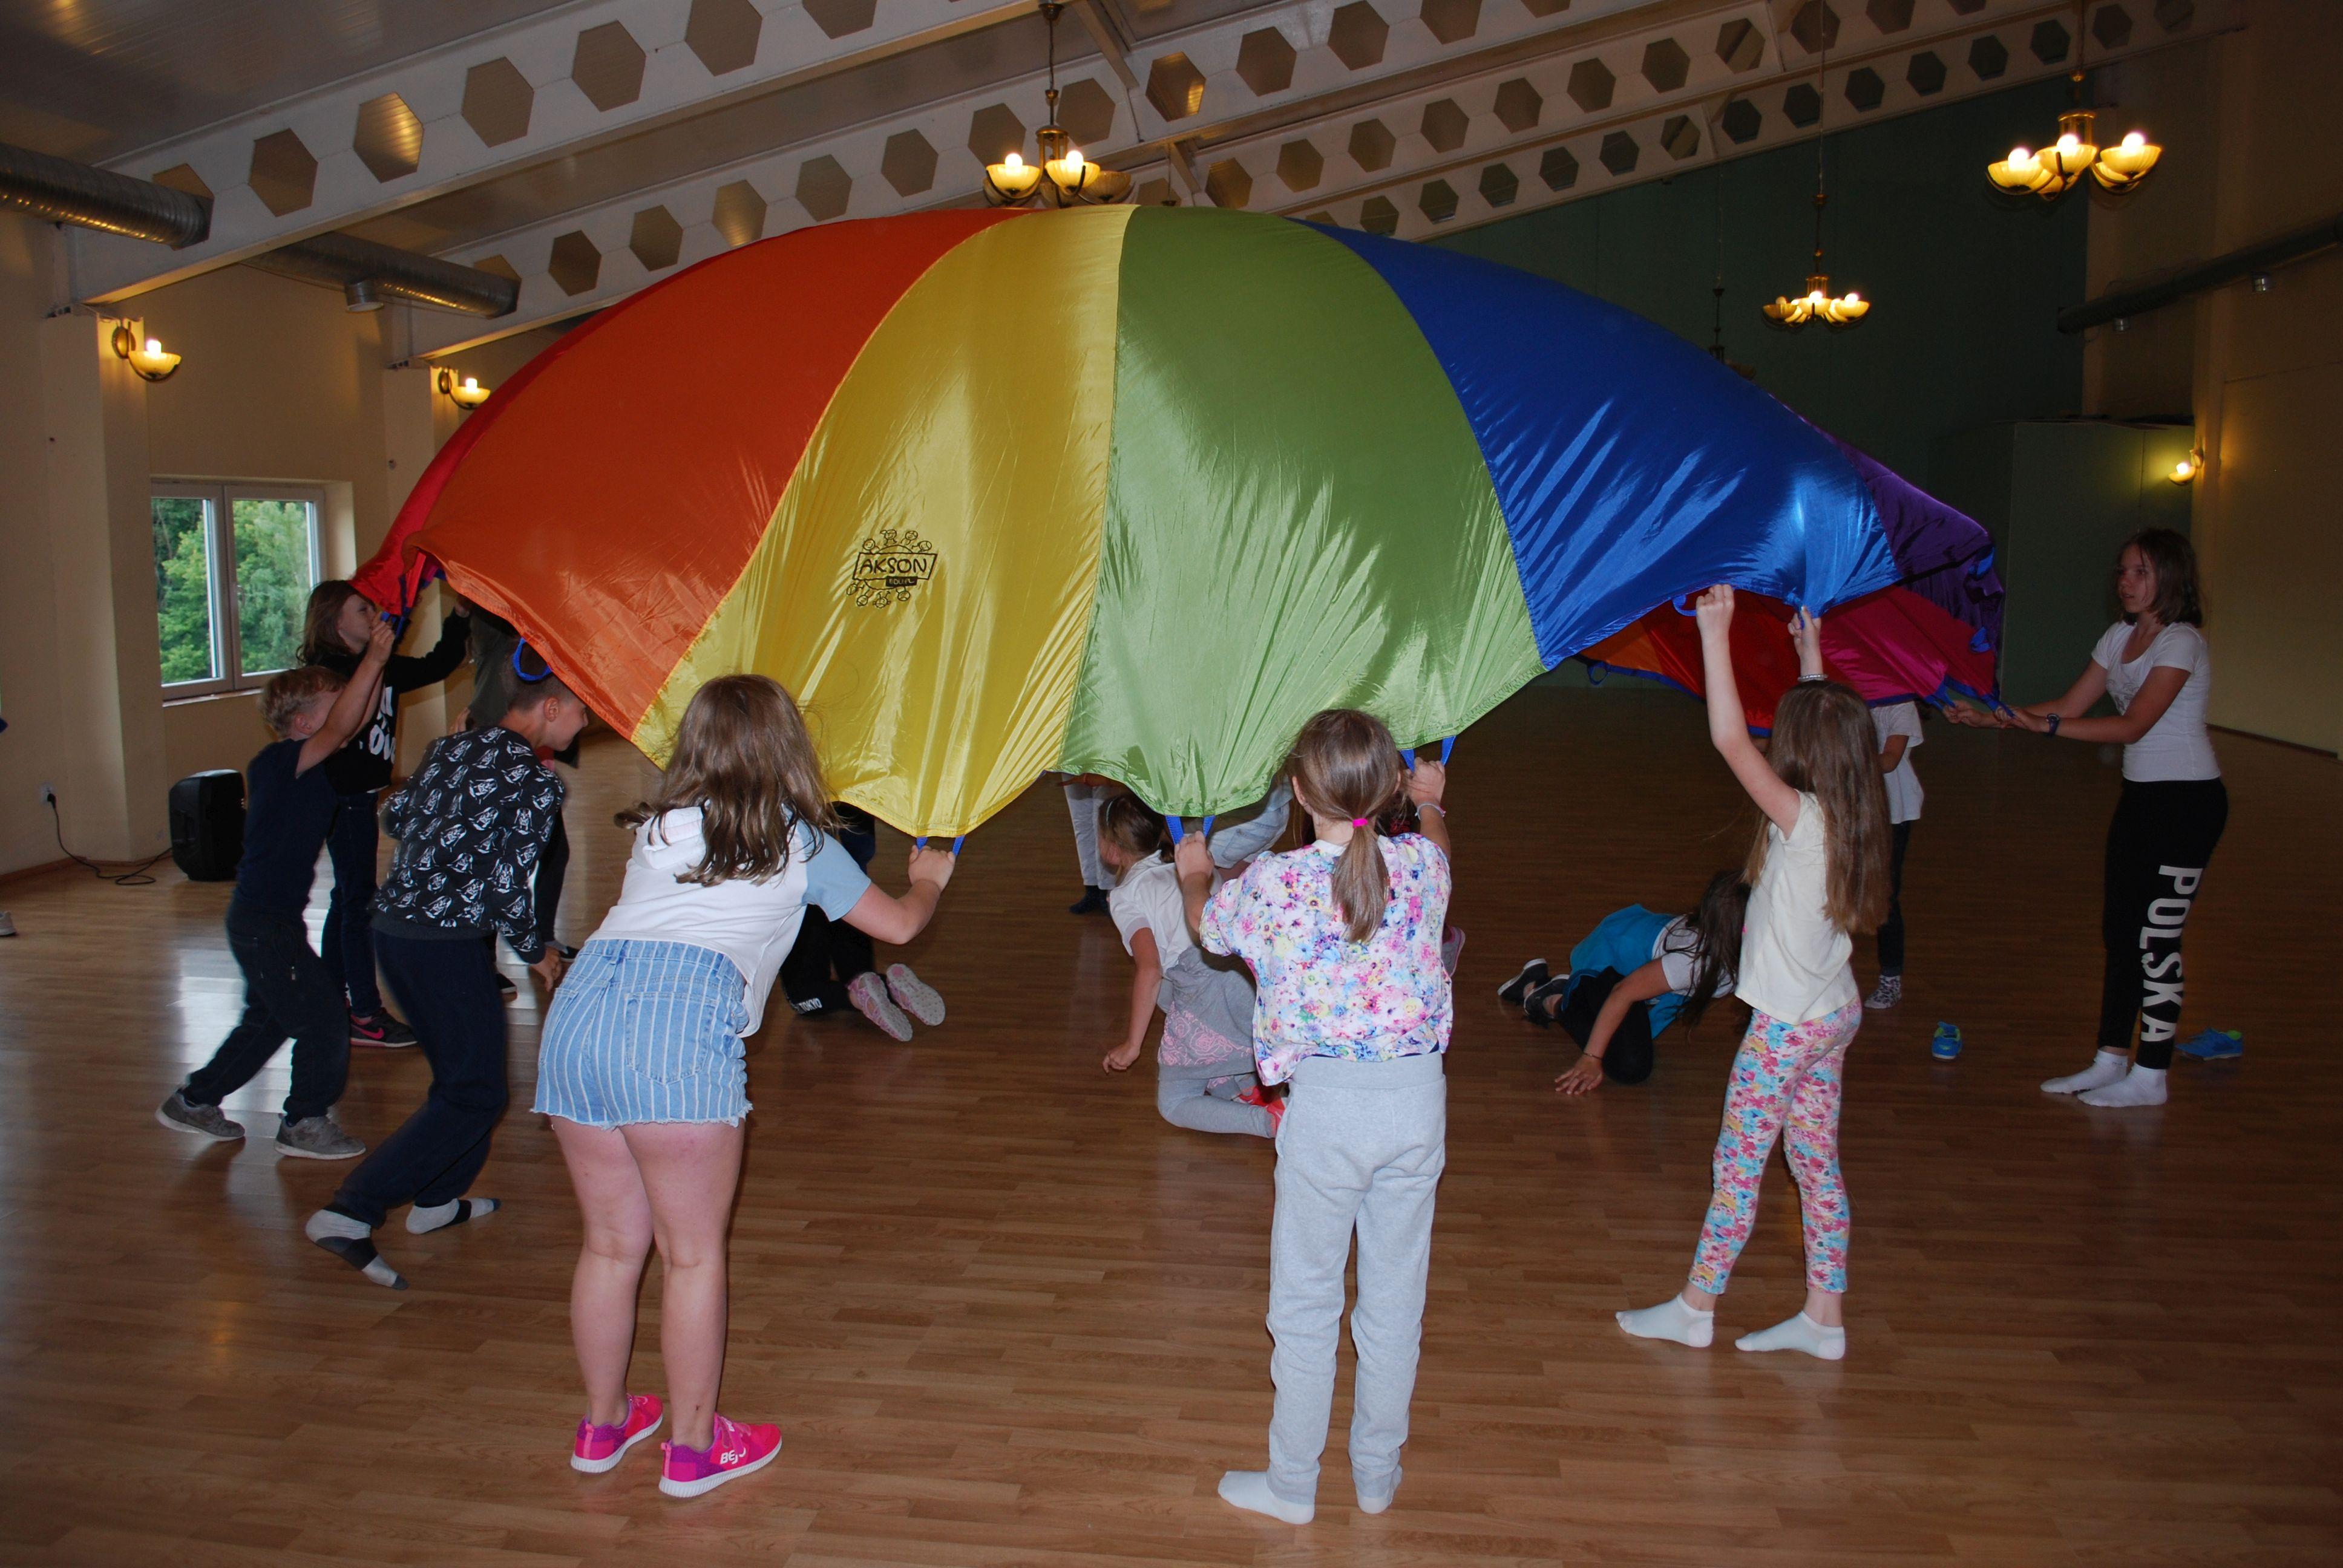 Zajęcia dla dzieci PÓŁKOLONIE tenisowe, 6-15 lat, dwójka rodzeństwa w Warszawie